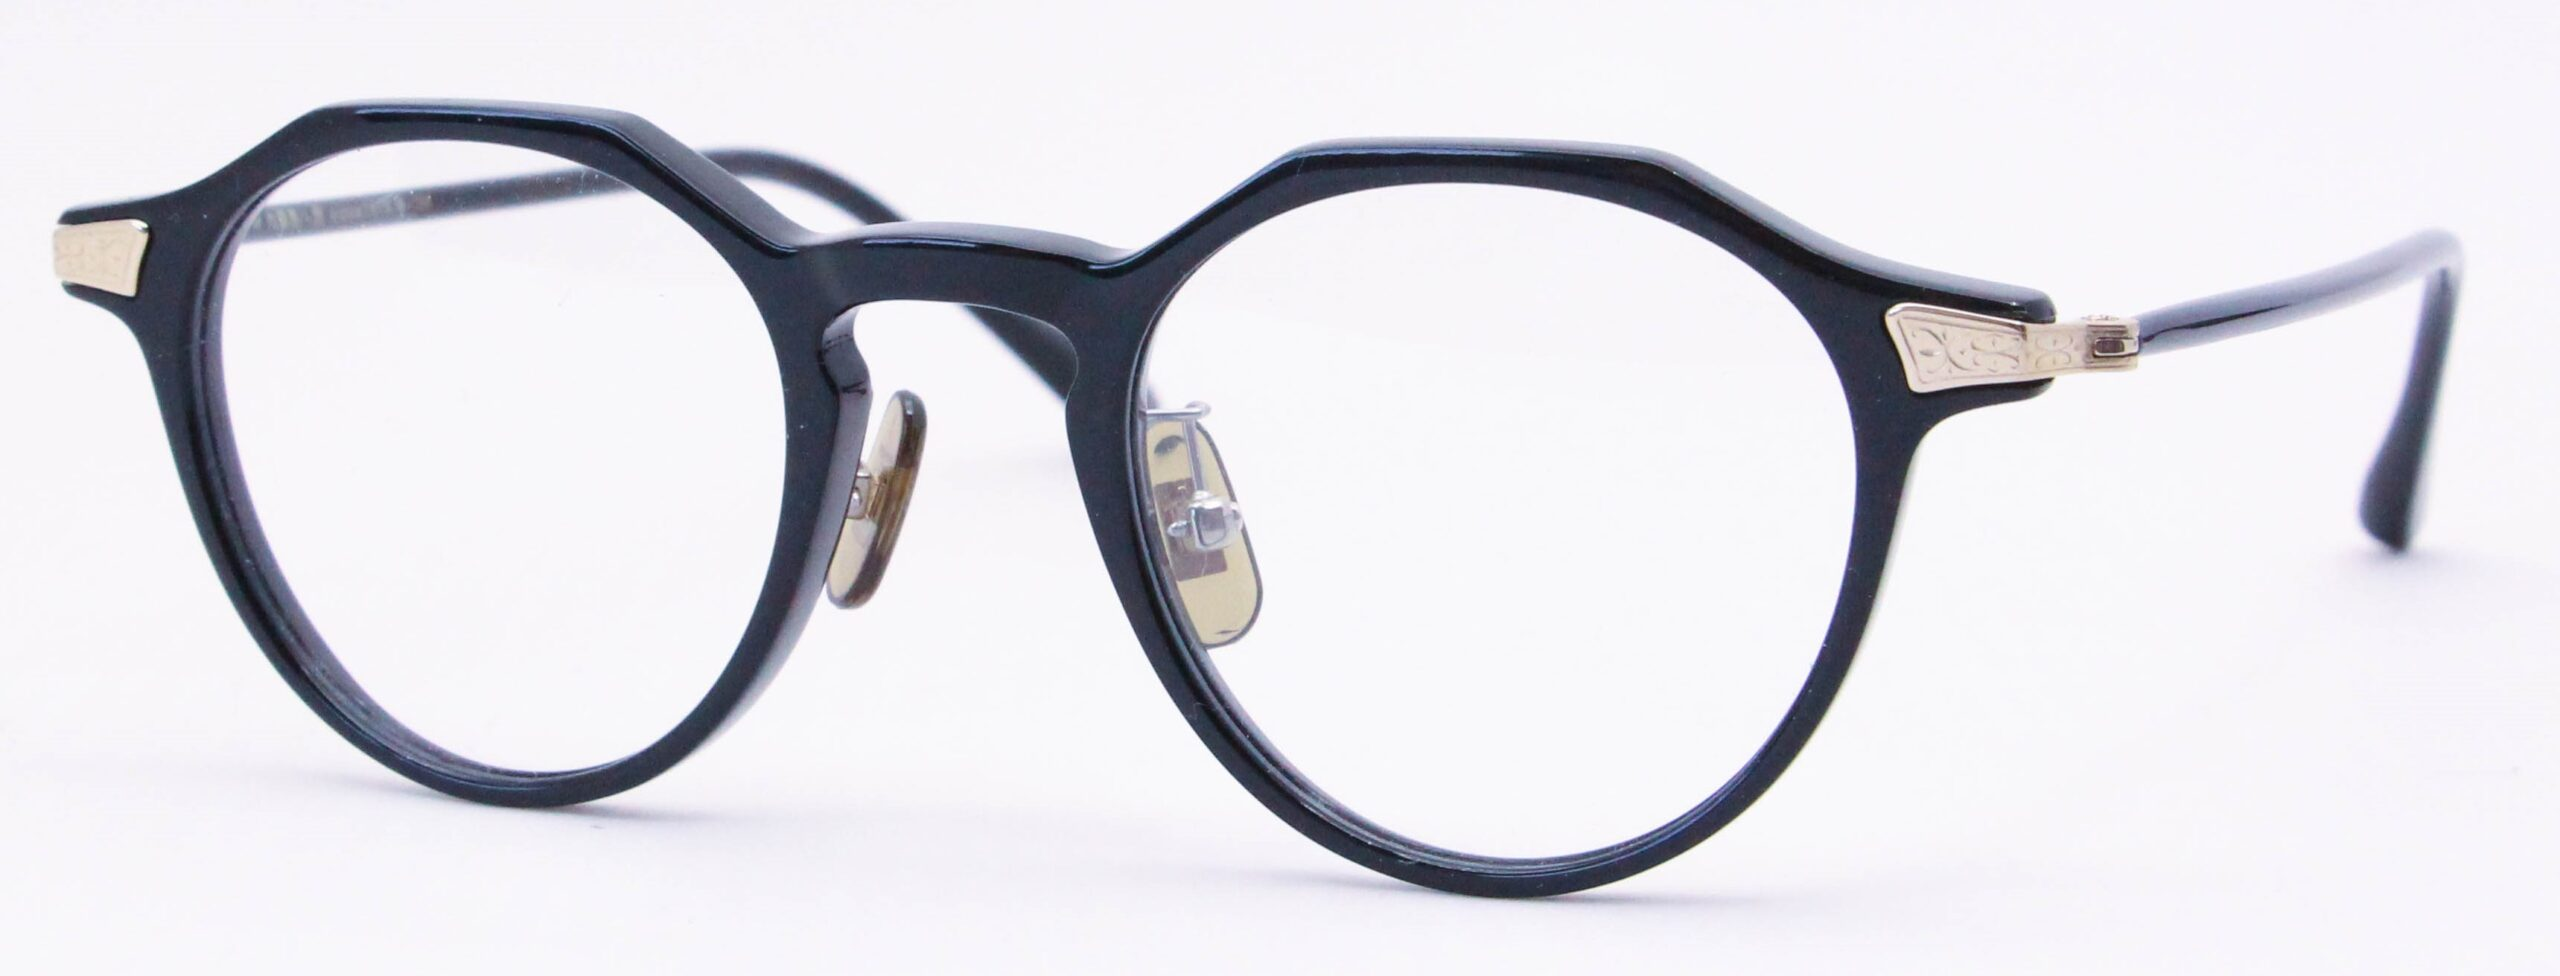 眼鏡のカラータイプC-1 Black/Gold